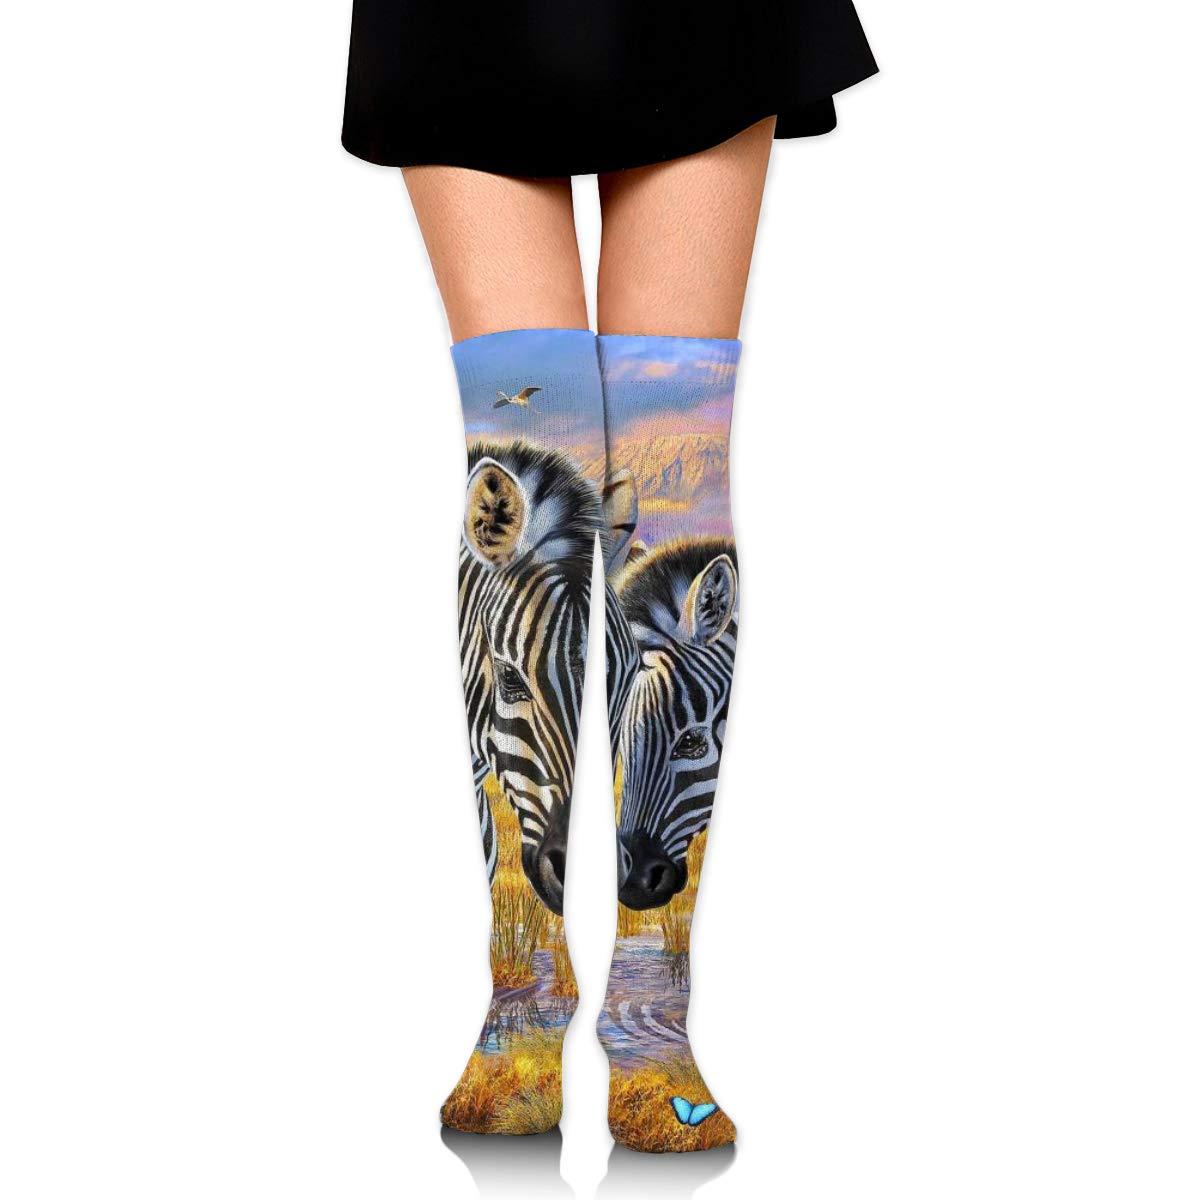 Kjaoi Girl Skirt Socks Uniform Wild Zebra Women Tube Socks Compression Socks